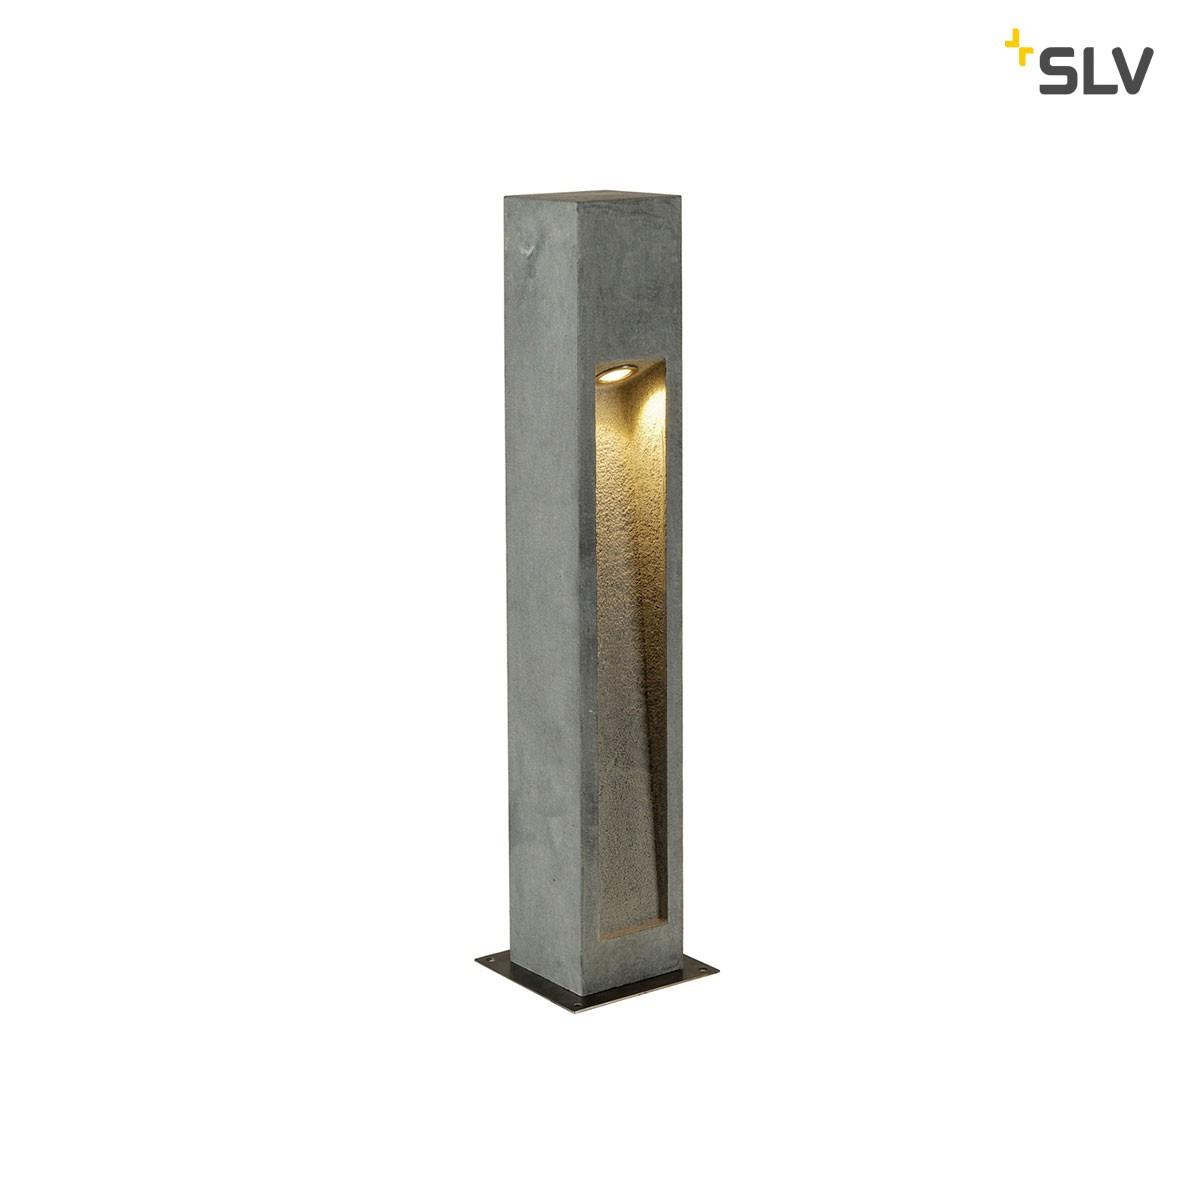 SLV Arrock Stone Außenstehleuchte, Höhe: 75 cm, steingrau